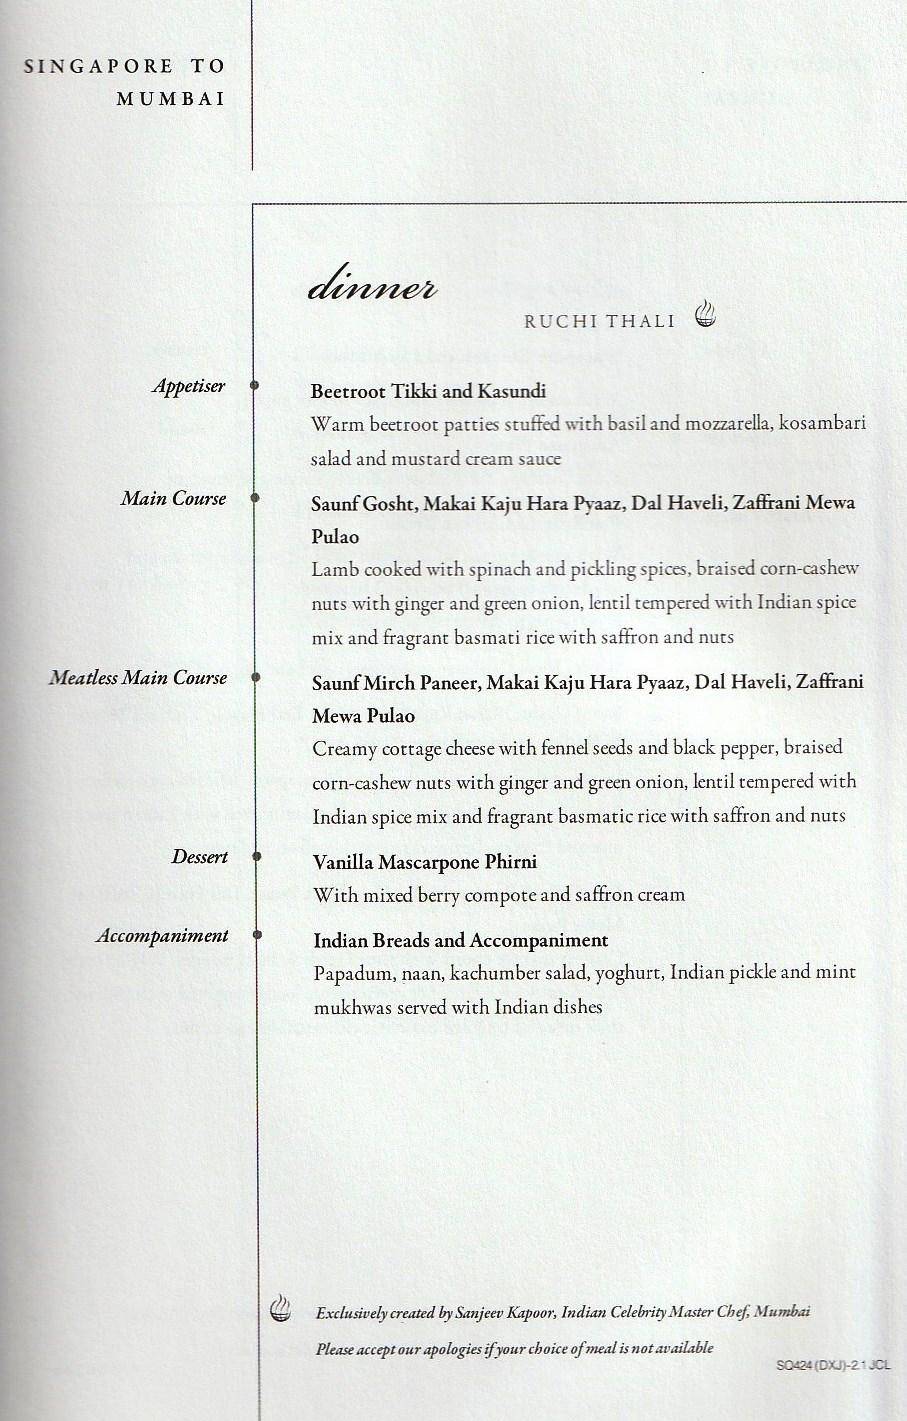 インド料理定食のメニュー